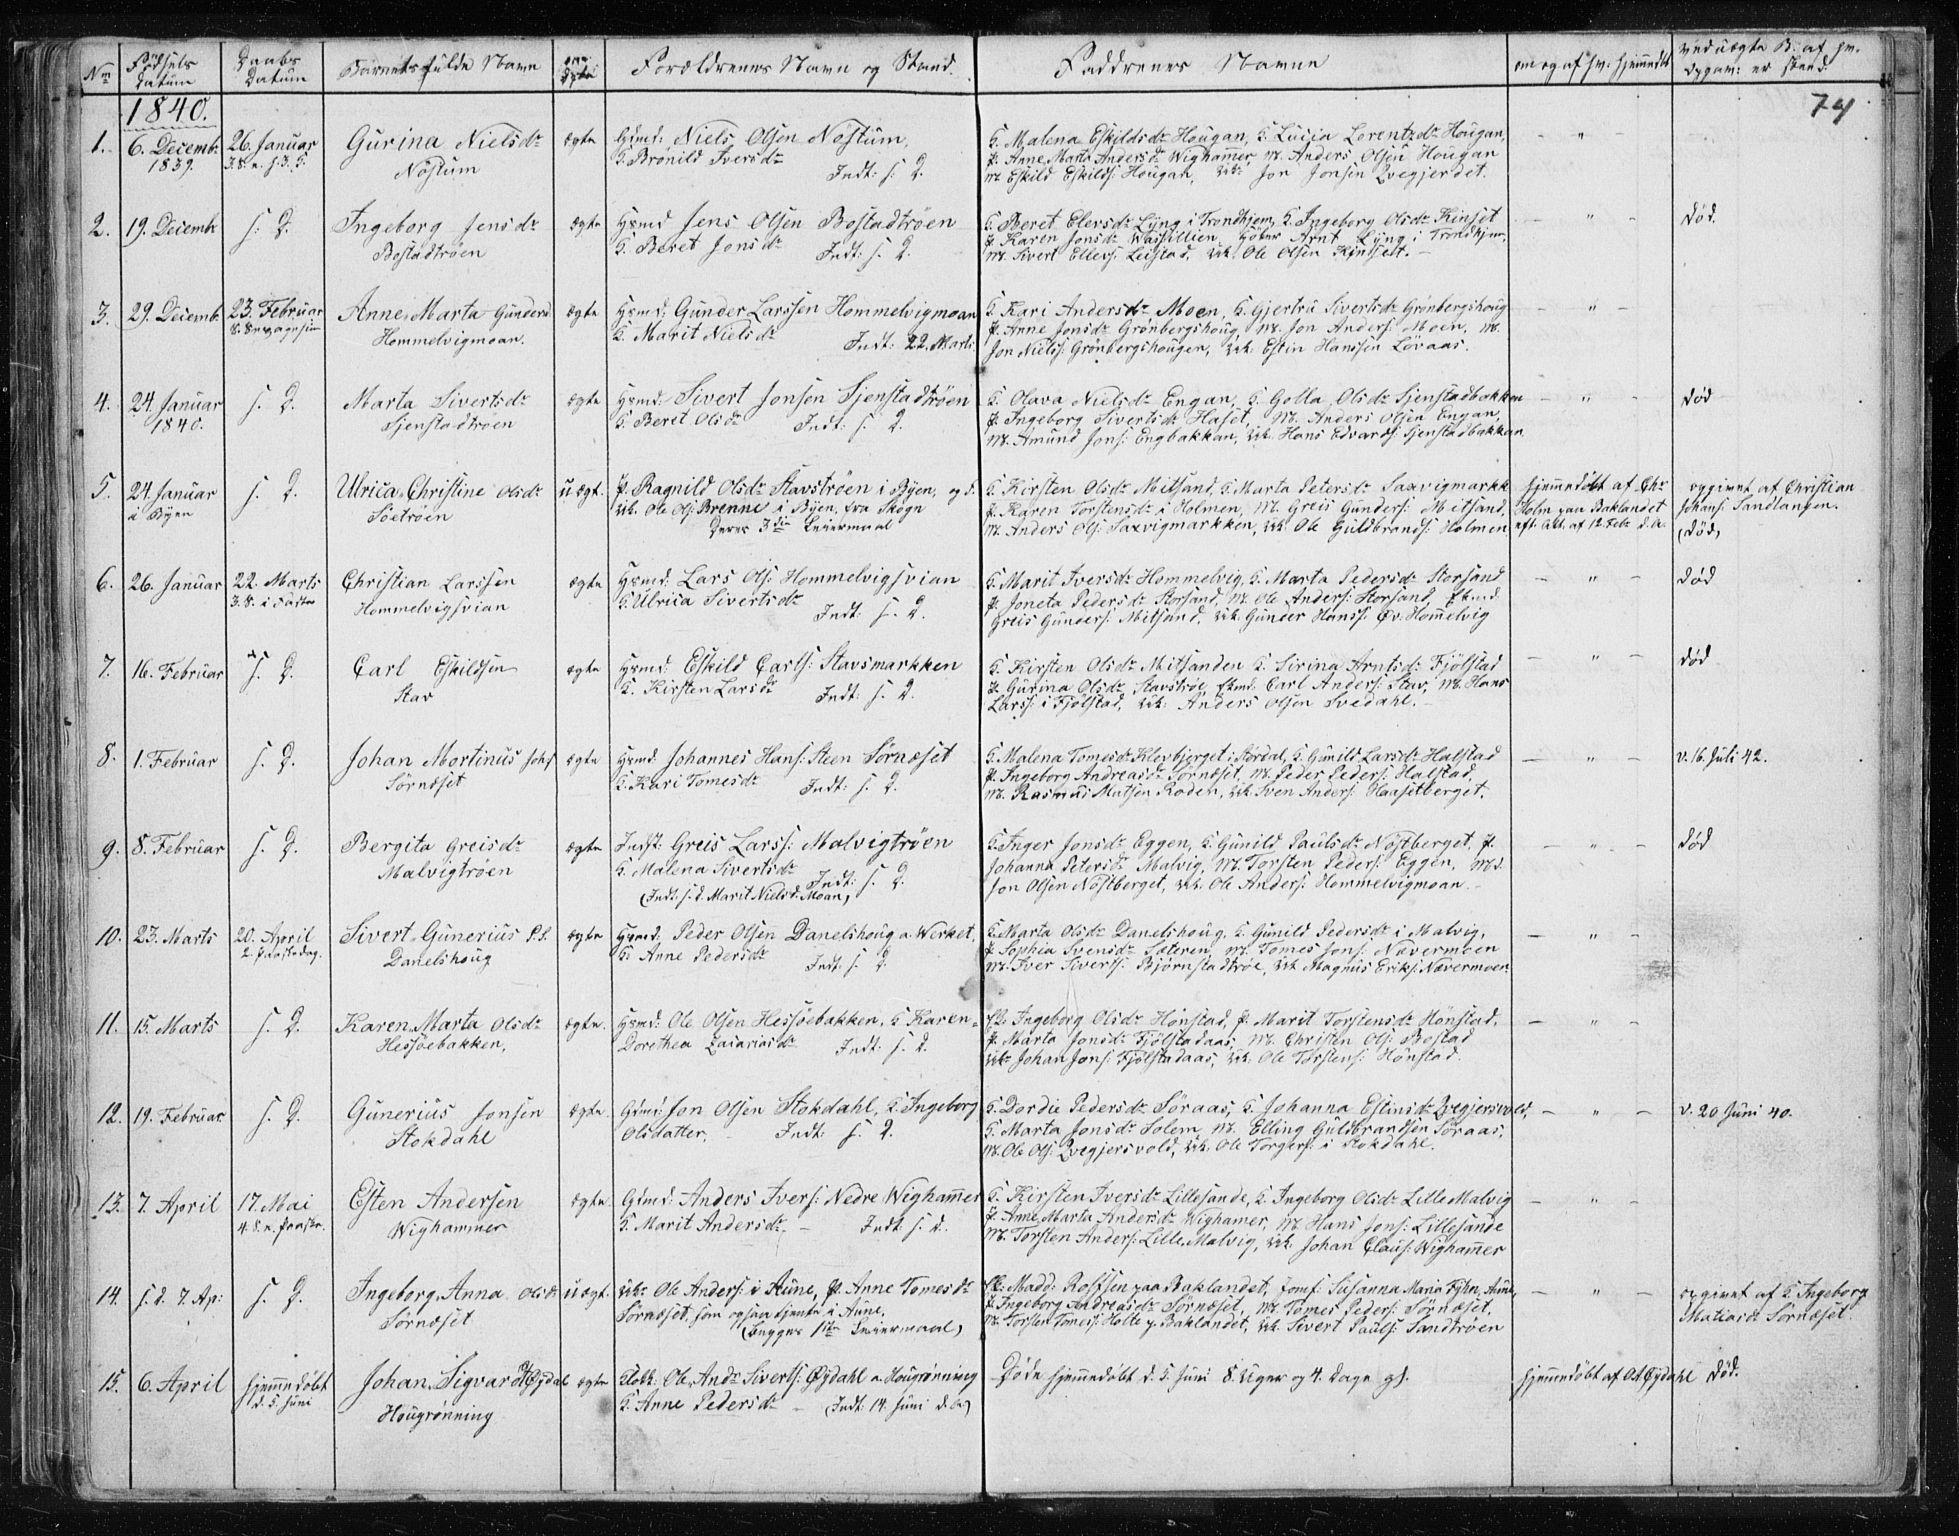 SAT, Ministerialprotokoller, klokkerbøker og fødselsregistre - Sør-Trøndelag, 616/L0405: Ministerialbok nr. 616A02, 1831-1842, s. 74